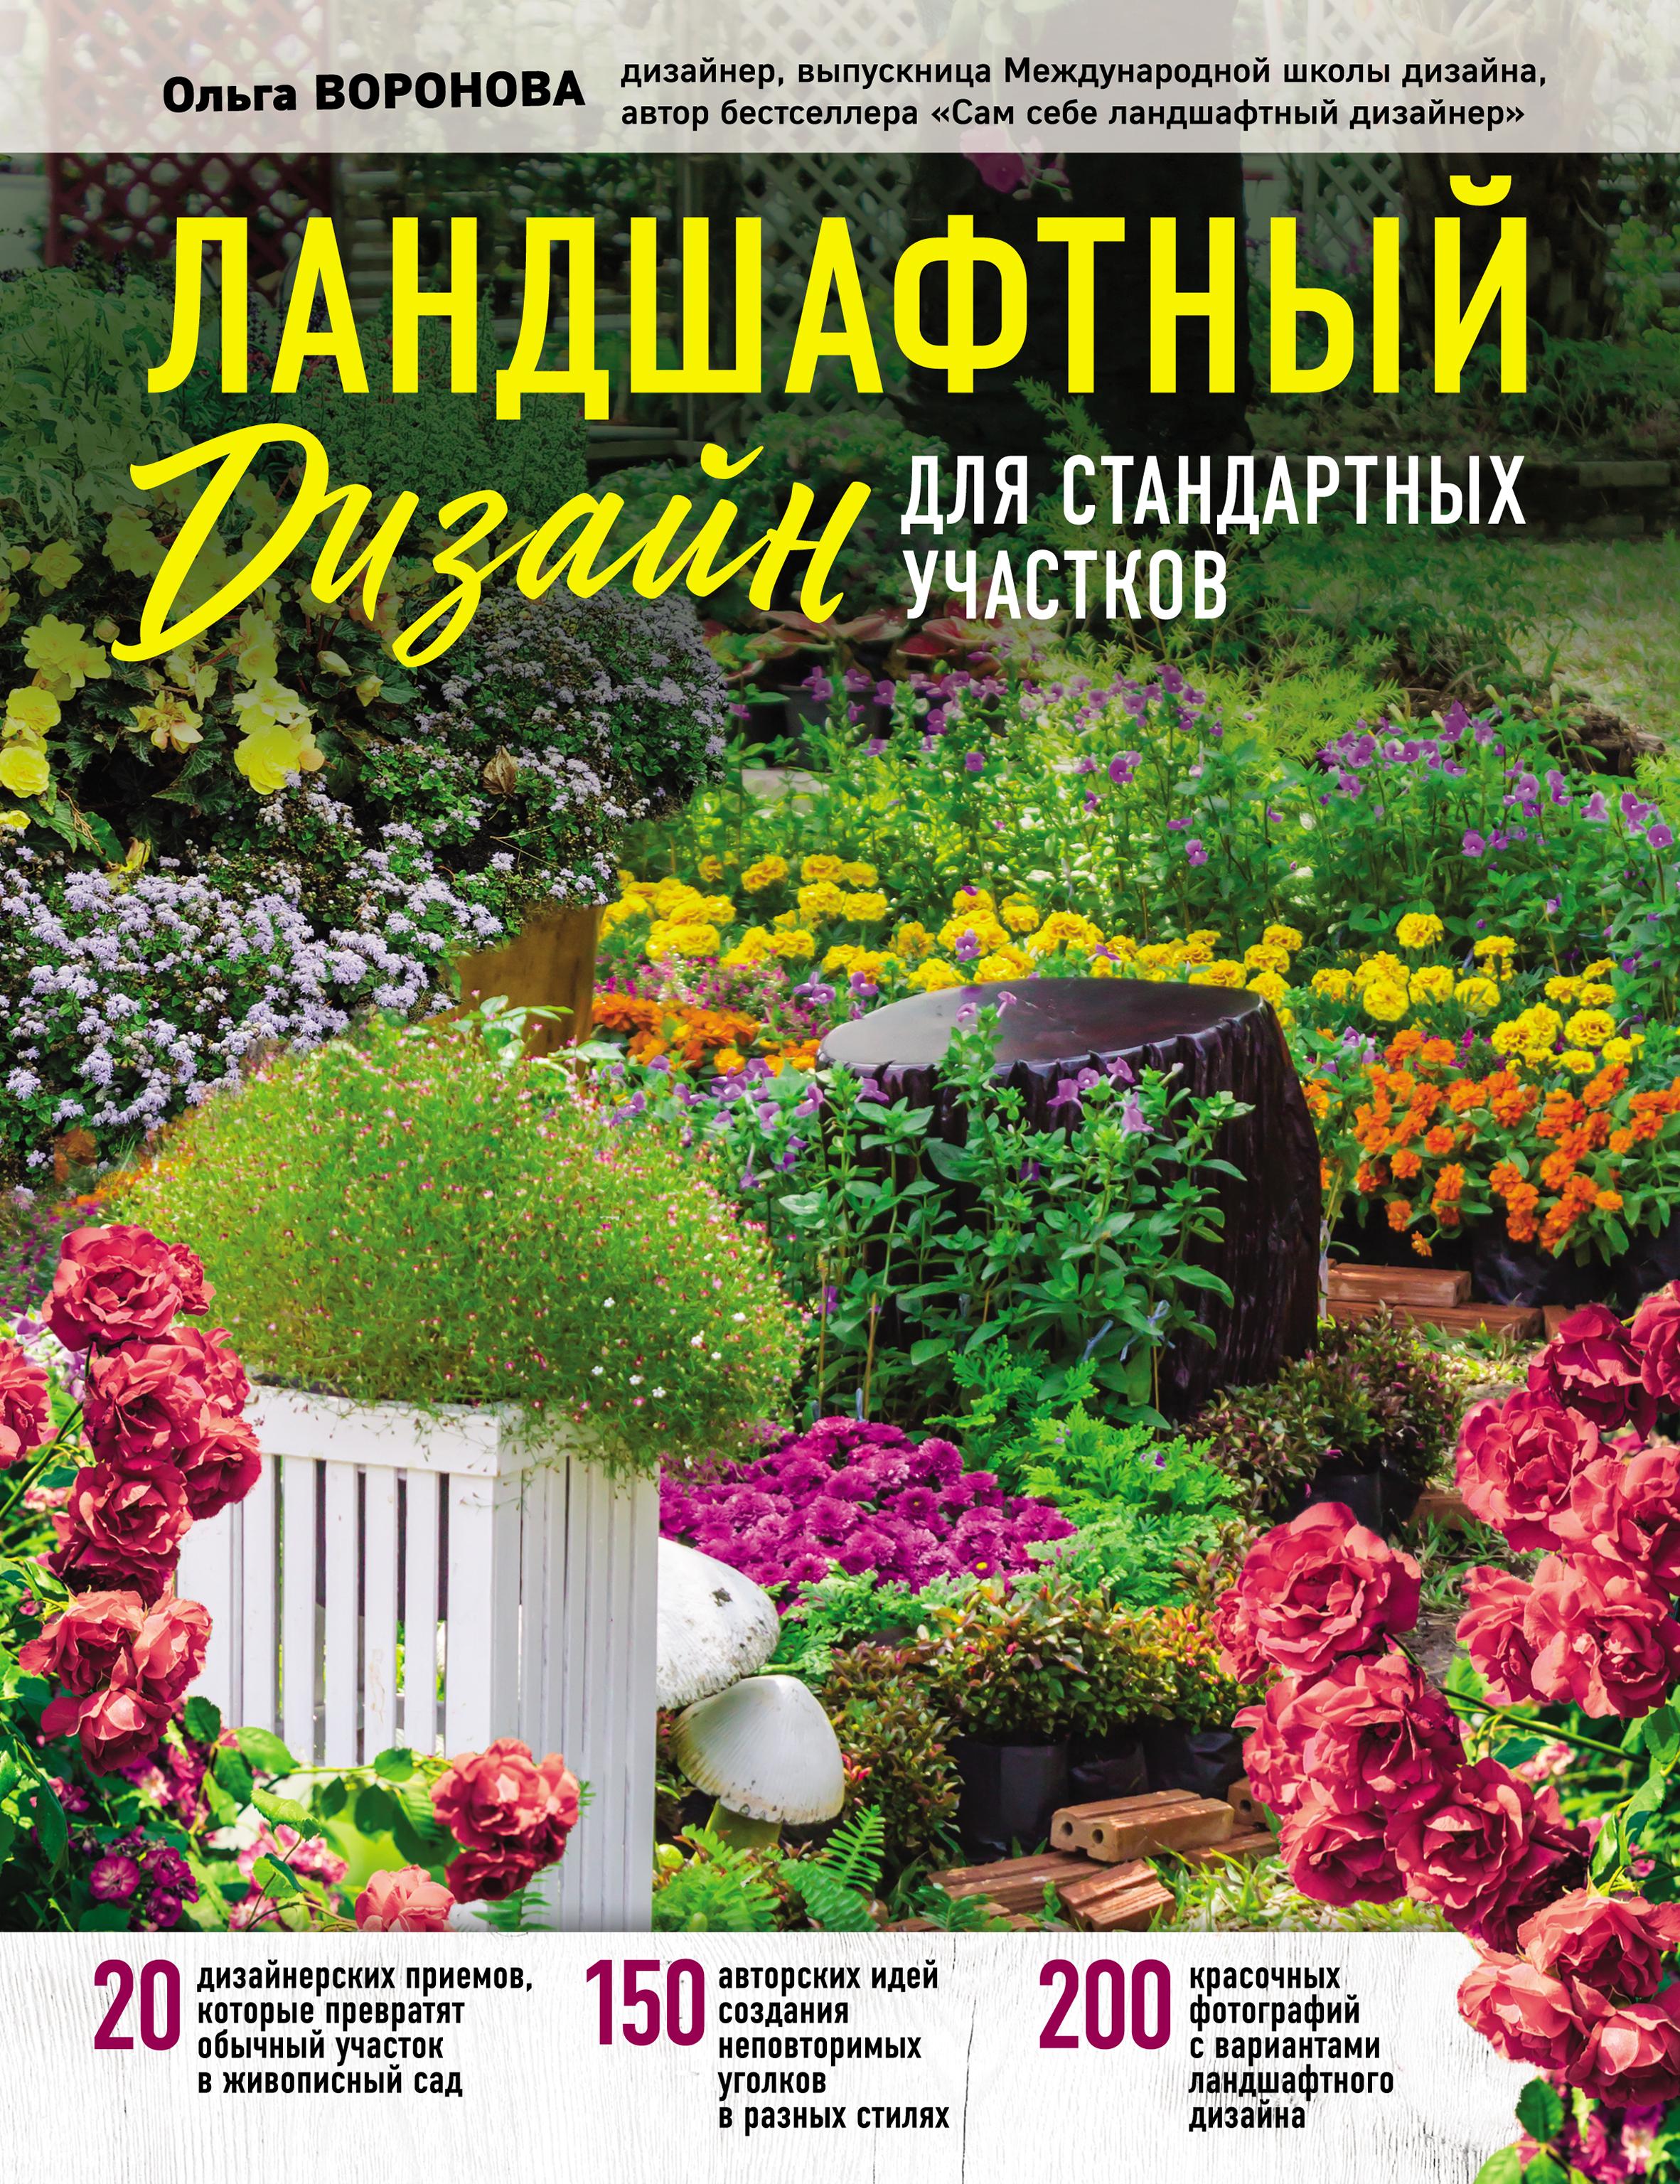 ландшафтный дизайн на небольшом участке Ольга Воронова Ландшафтный дизайн для стандартных участков